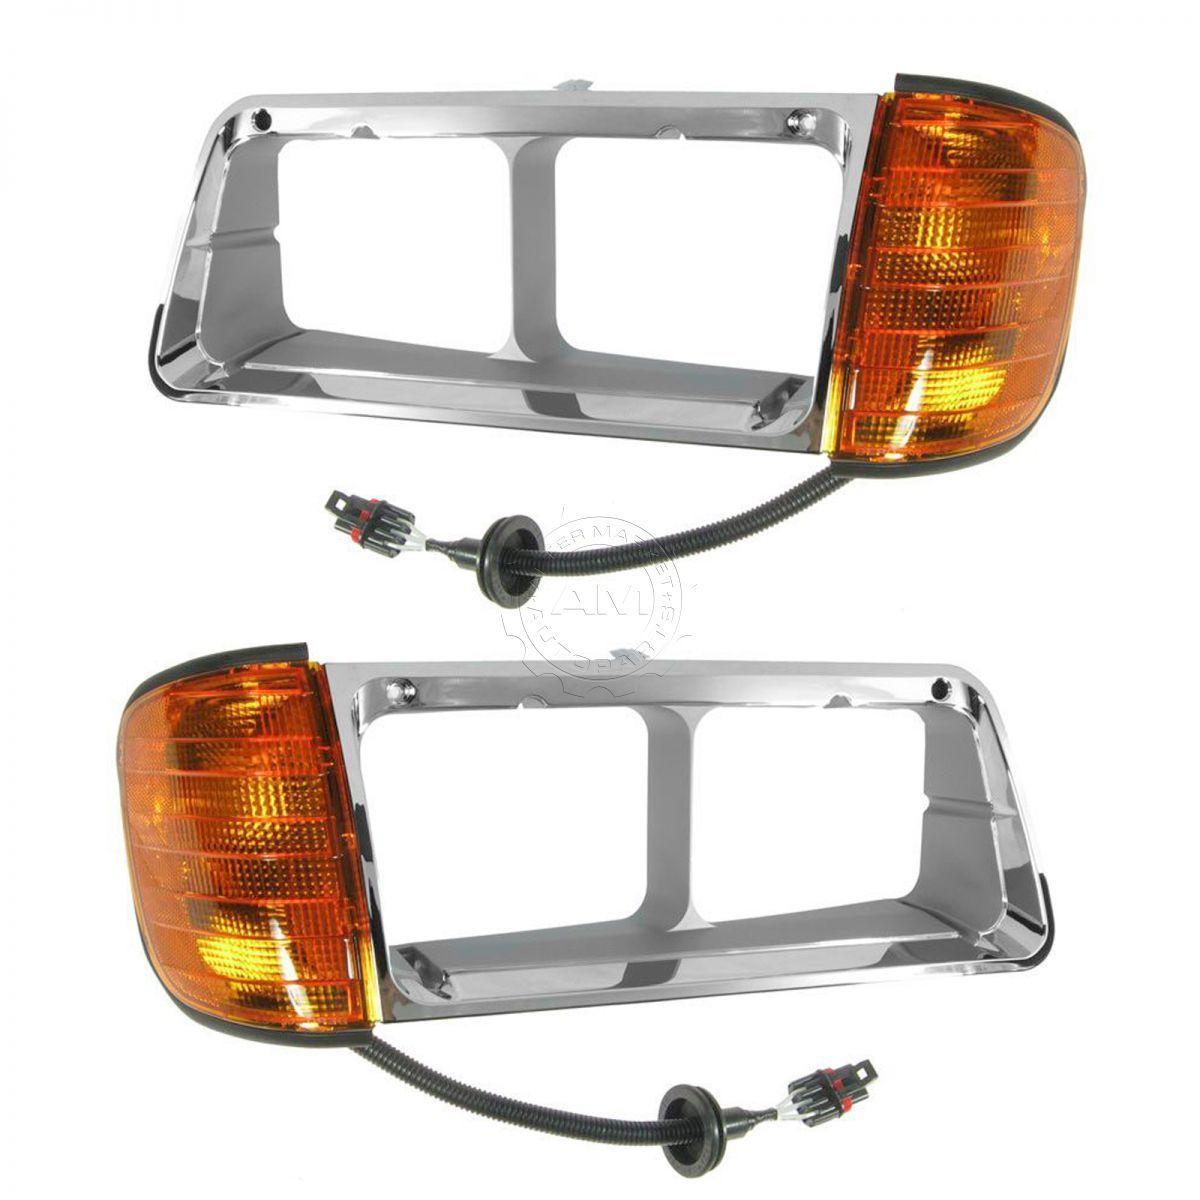 コーナーライト Chrome Inner Headlamp Headlight Bezel LH & RH Pair Set for FLD 112 120 クロームインナーヘッドランプヘッドライトベゼルLH& FLペア112 120用のRHペアセット